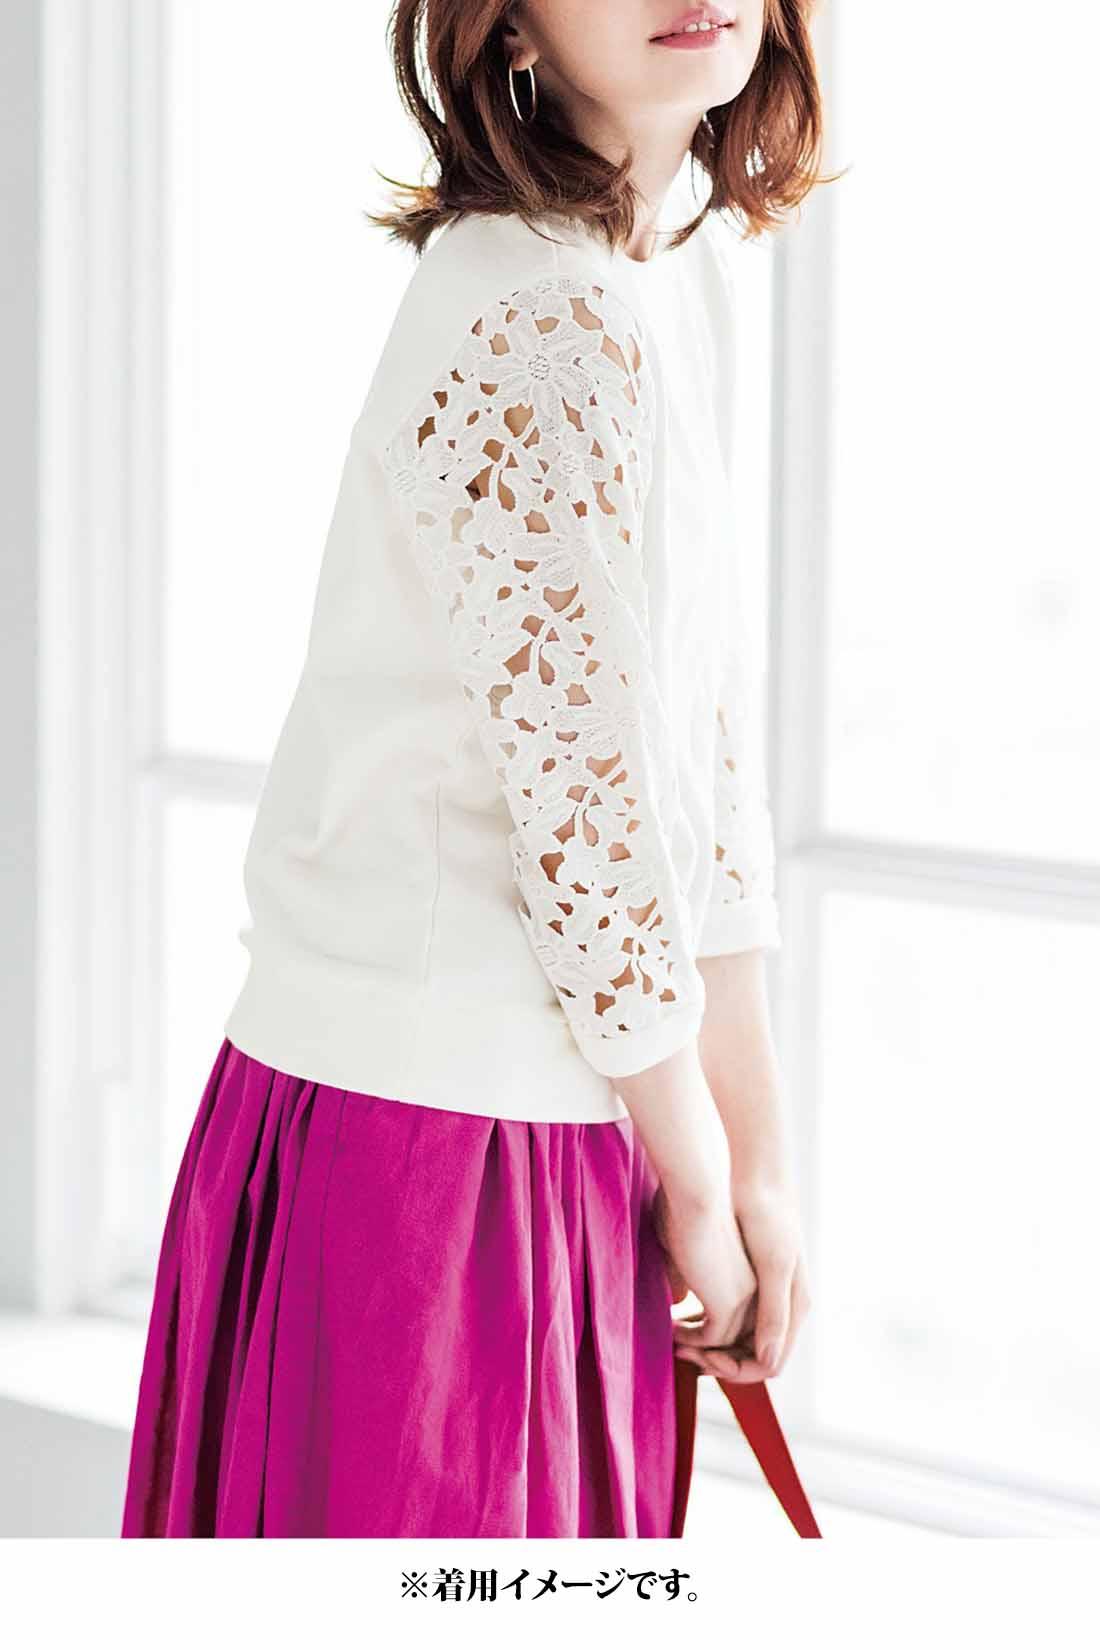 レースの透け感×スカートの鮮やかカラー。ときめく華コーデでその場の空気まで明るく変える、さわやかな美人オーラに包まれて。